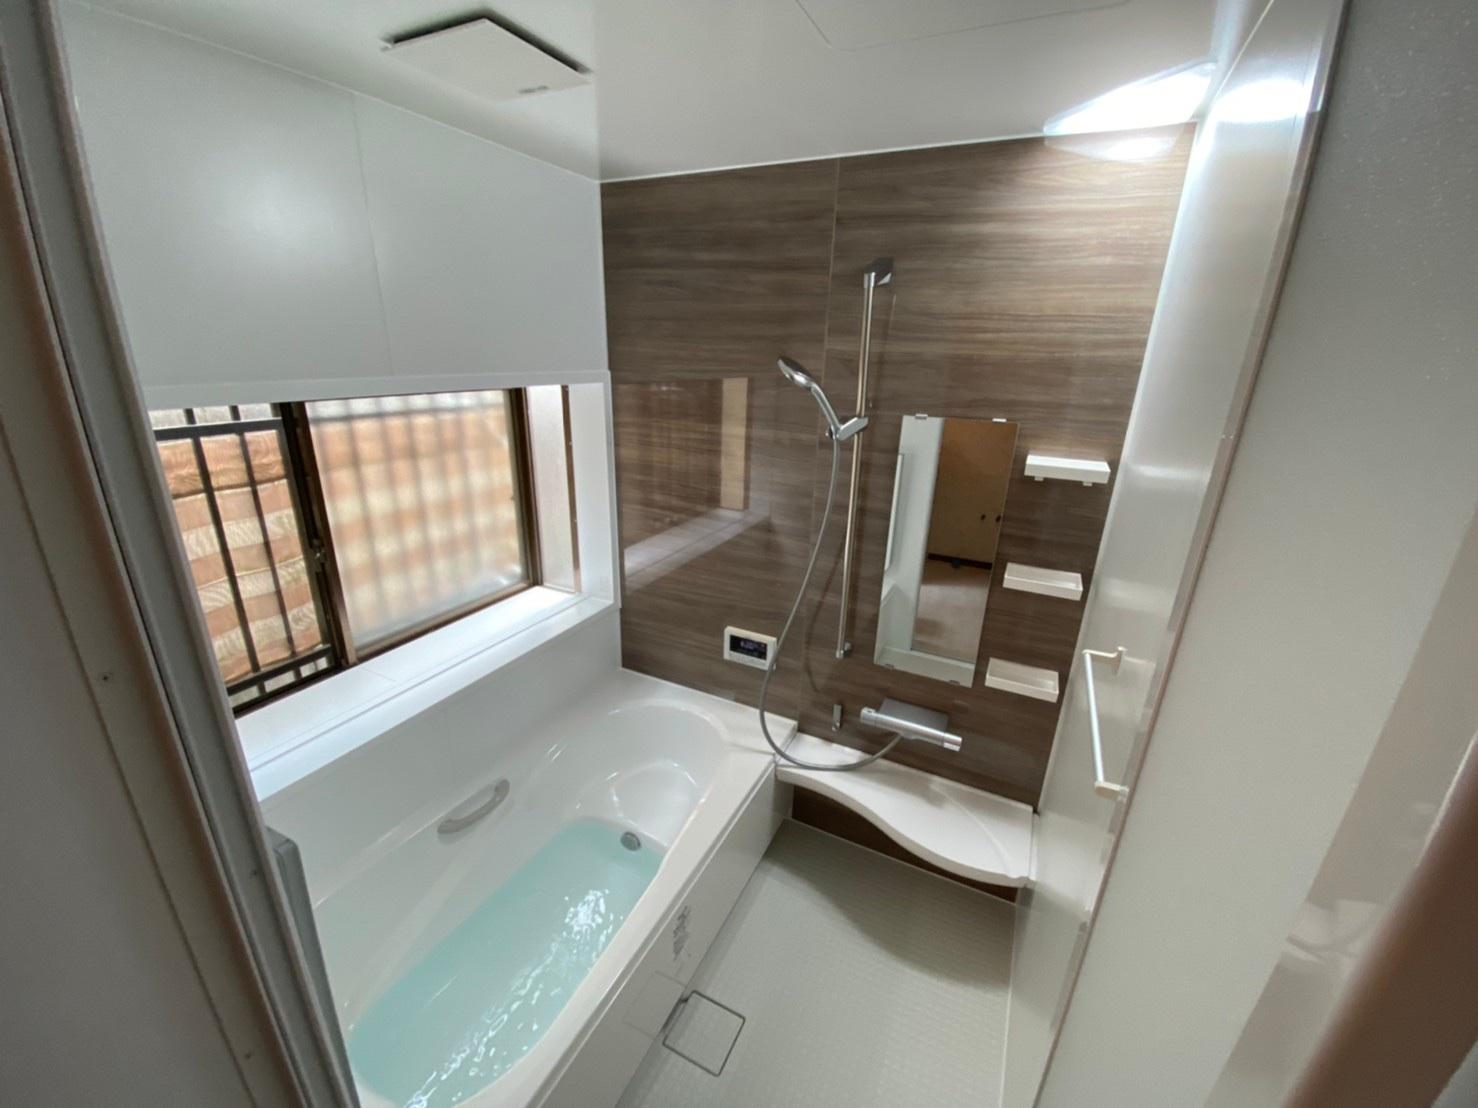 シンプル仕様だけどオシャレに『浴室・洗面リフォーム』